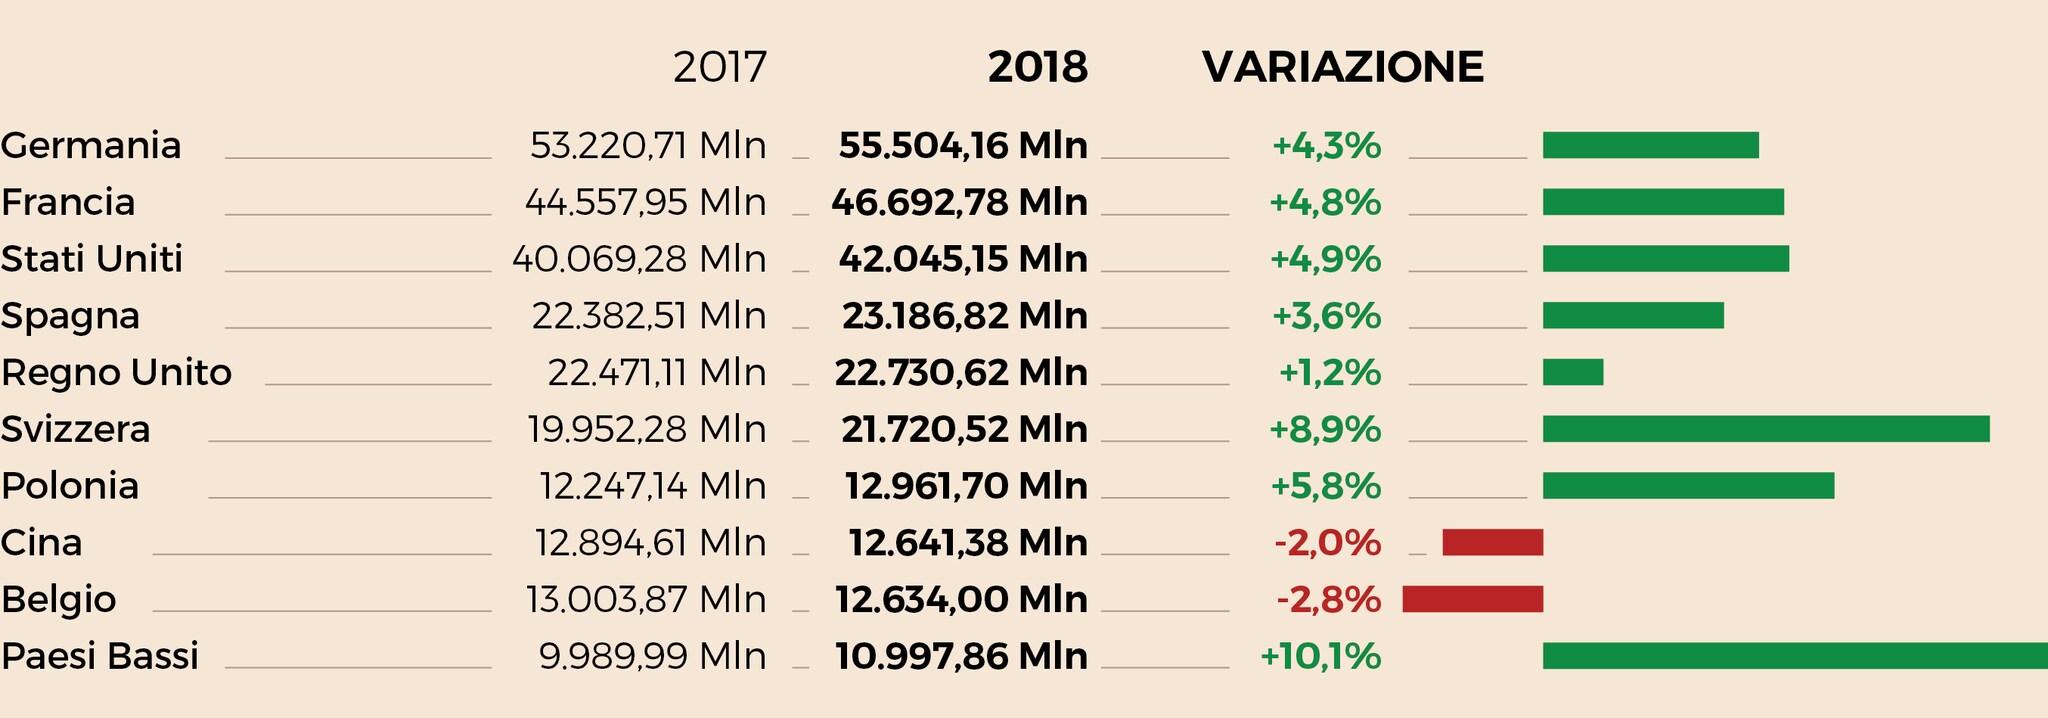 I PRINCIPALI COMPRATORI DI MADE IN ITALY NEL 2018